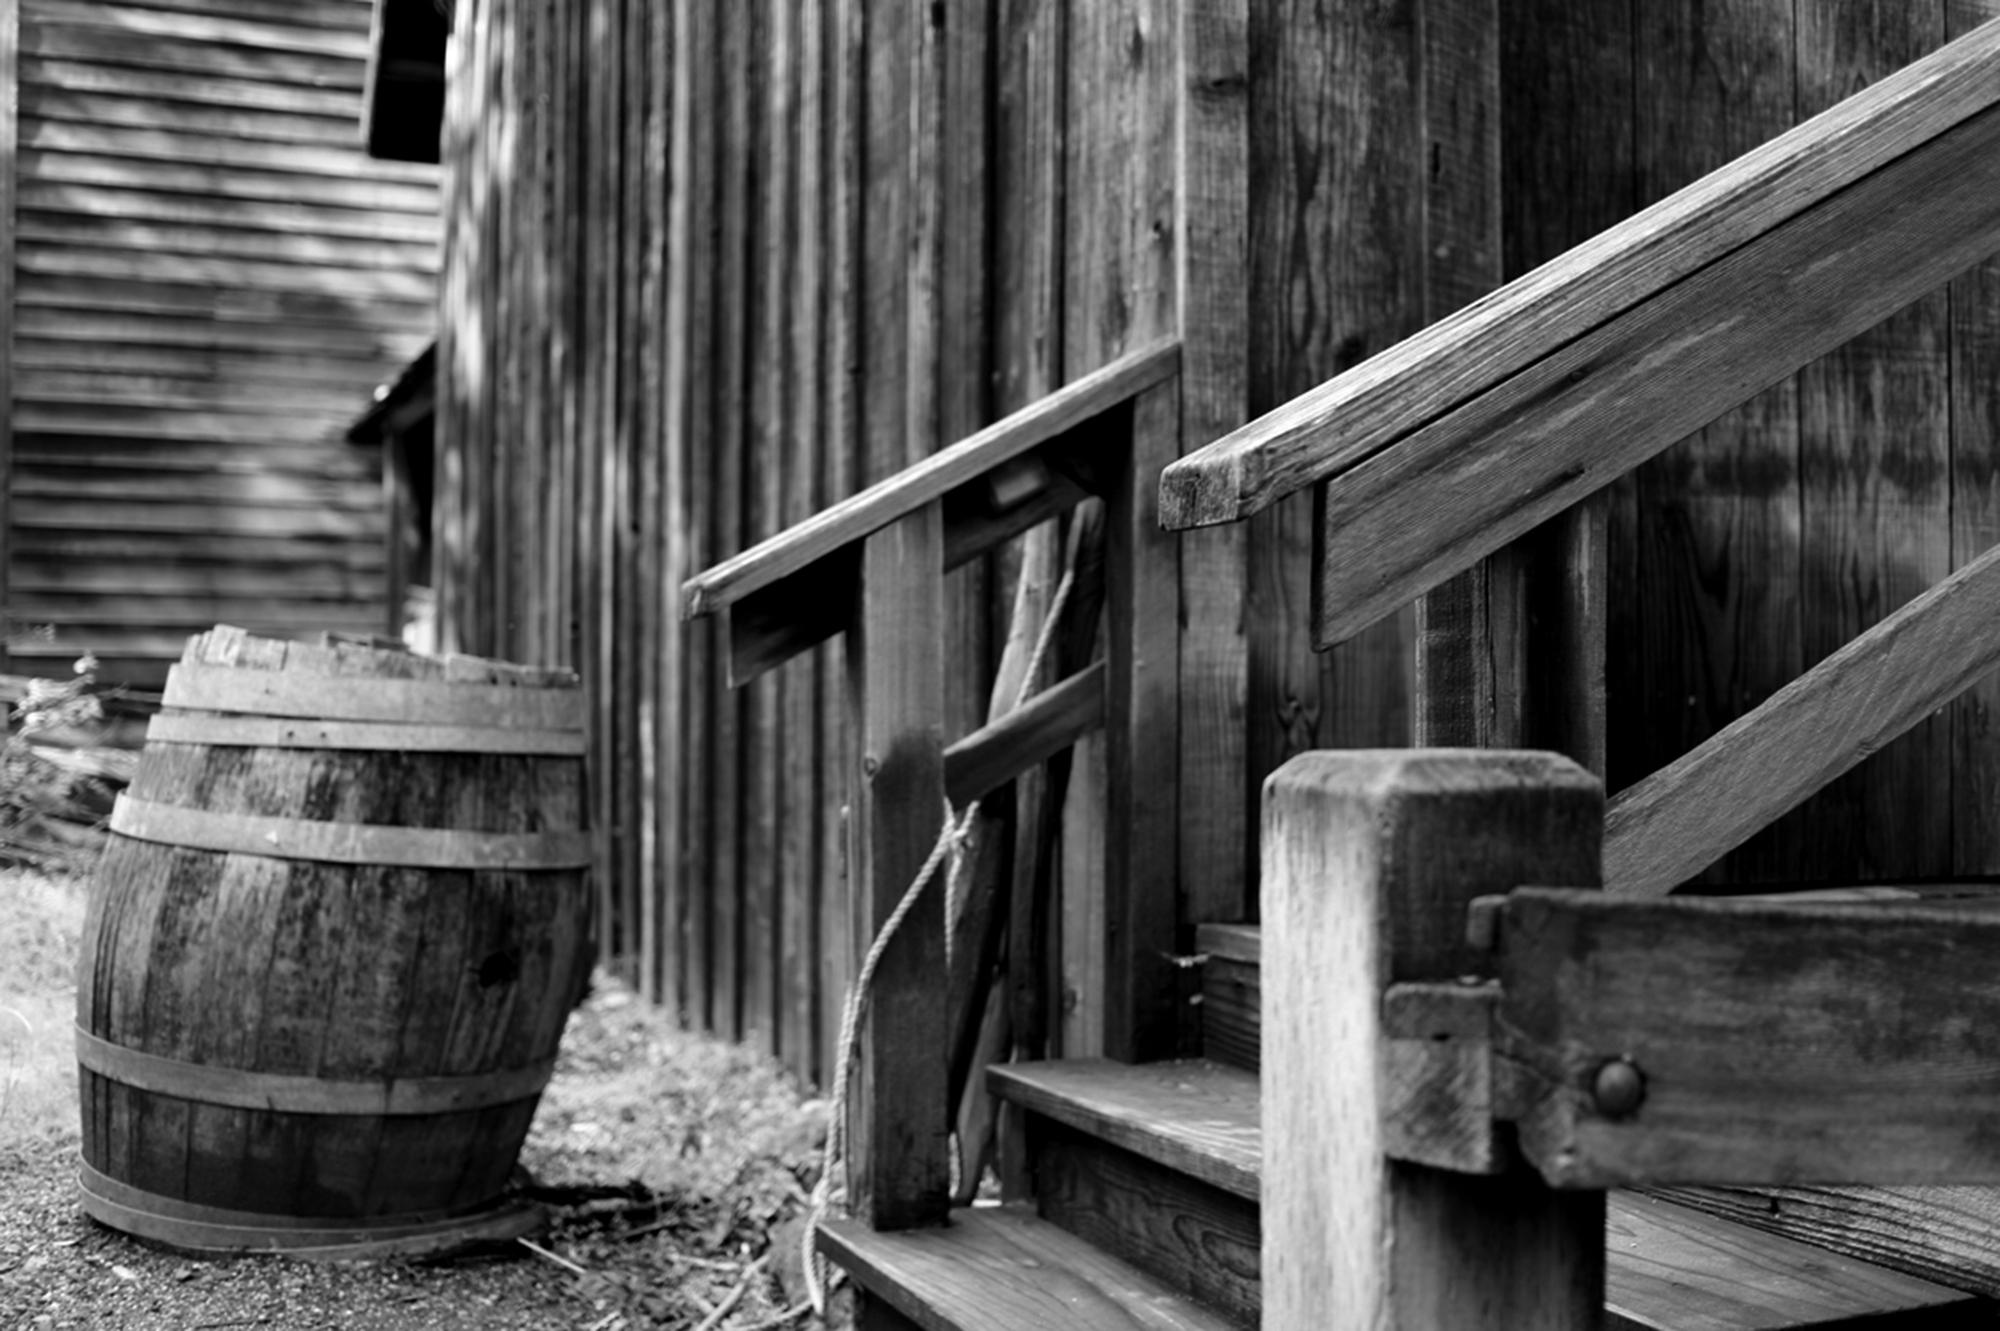 Oak Barrel by Rich J. Velasco